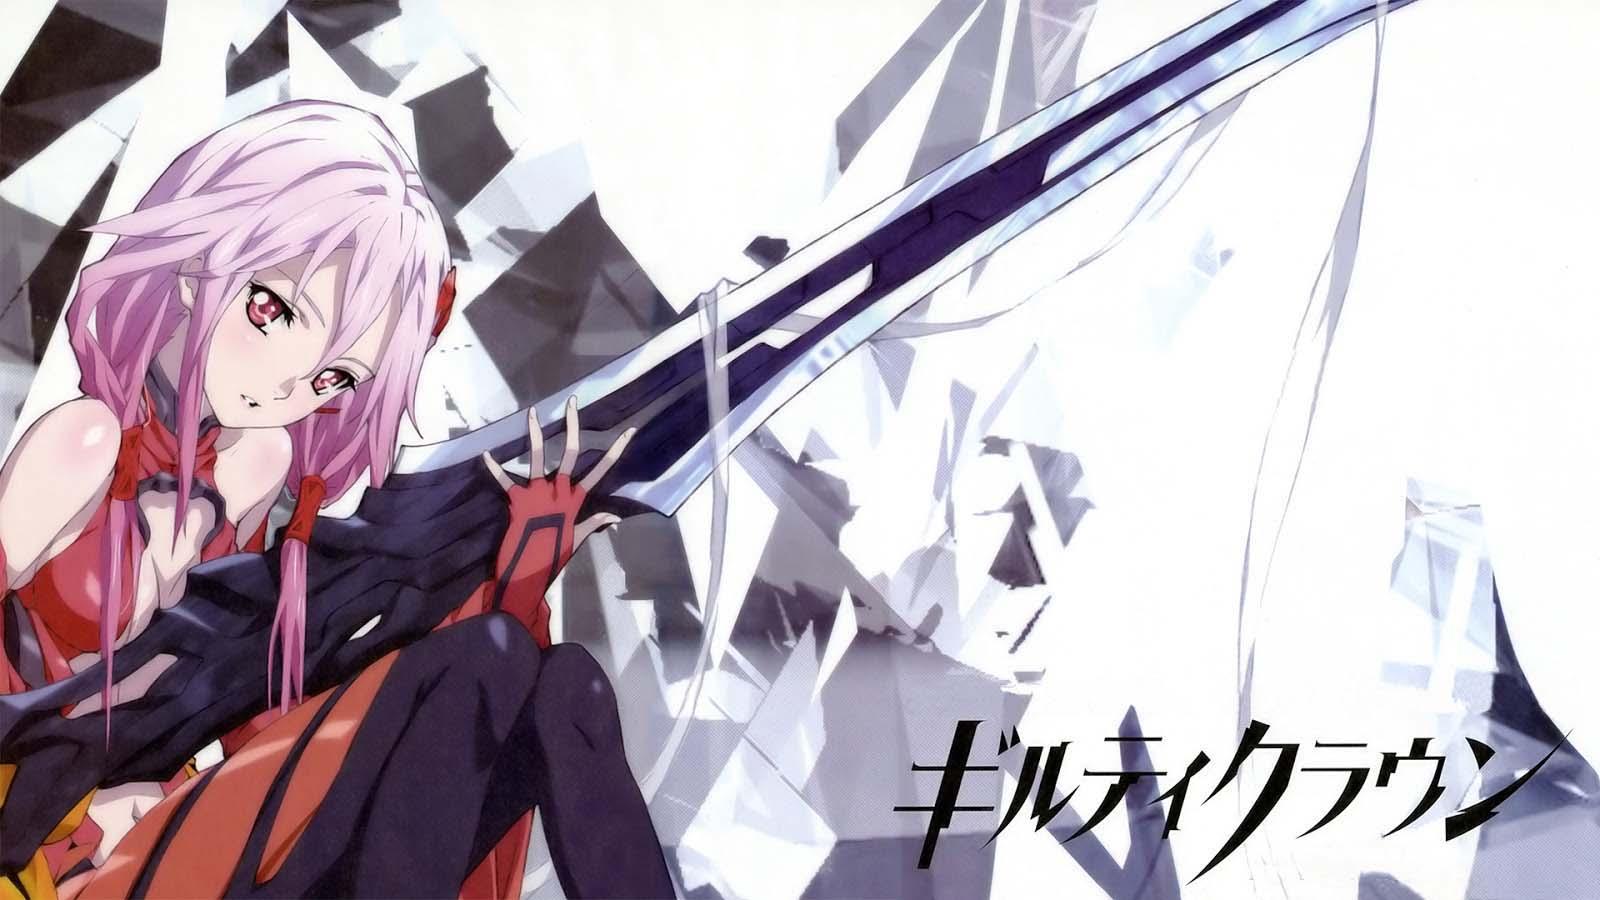 Hình ảnh anime đẹp